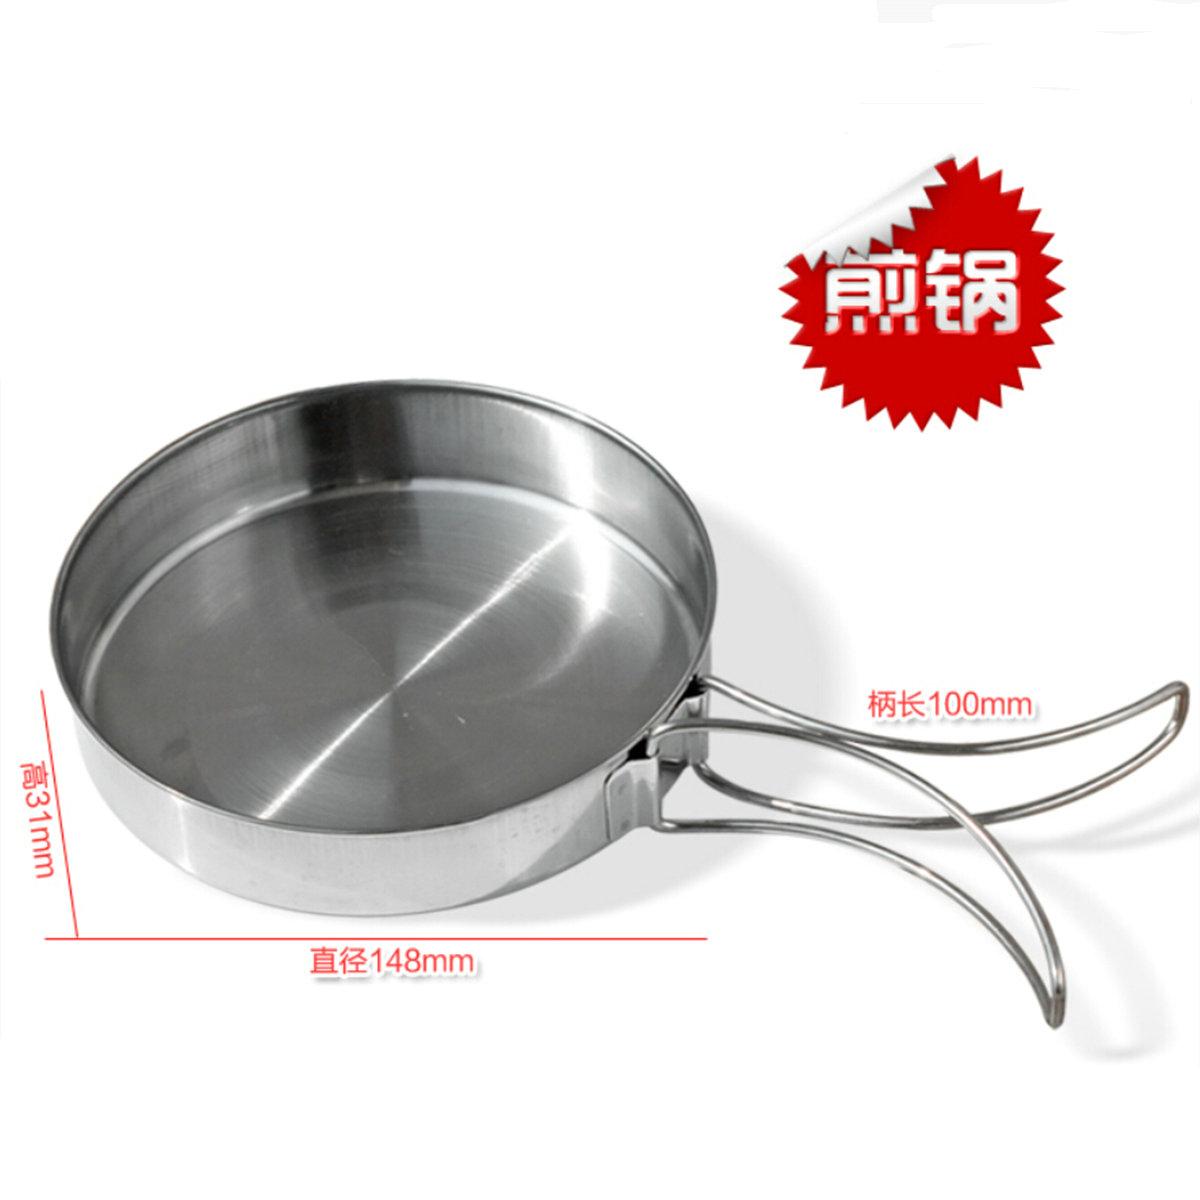 Giá rẻ đồ dùng nhà bếp và đồ nấu nướng pot set